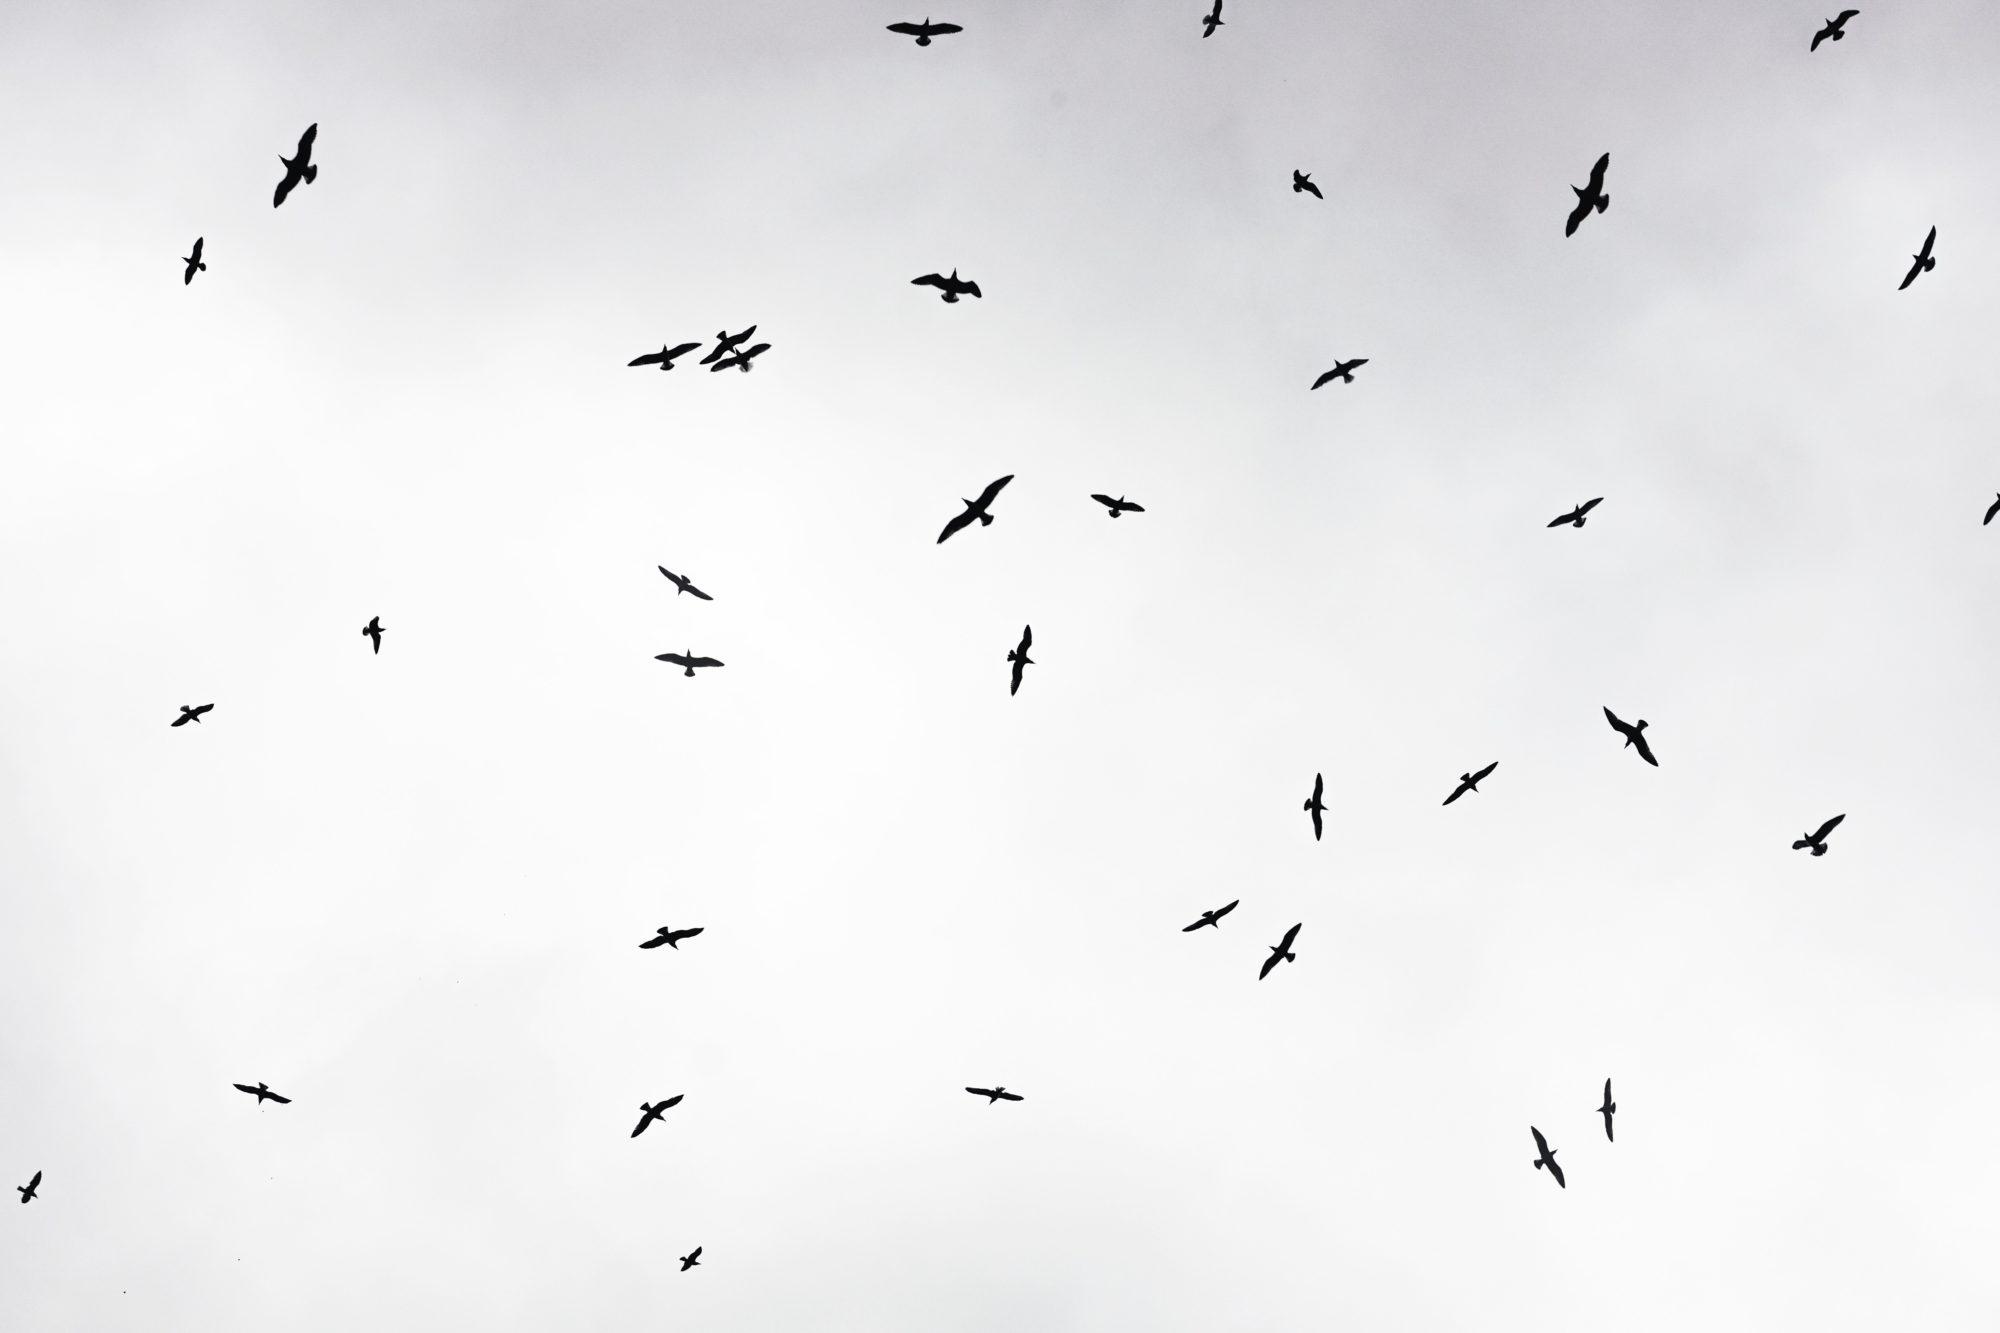 Eine Schar Vögel in der Luft